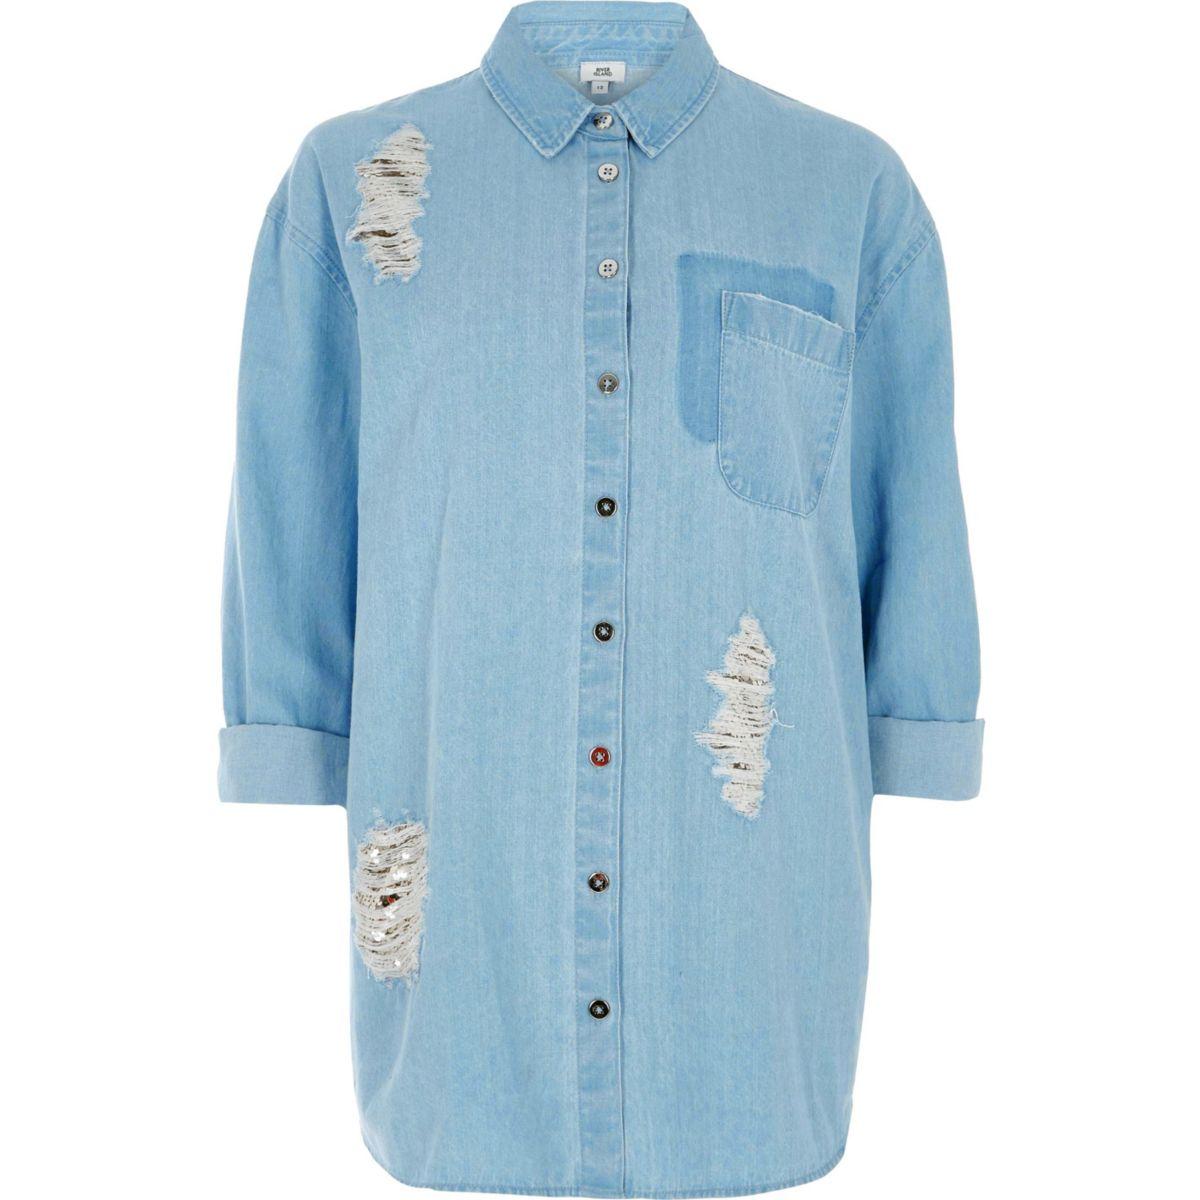 Blaues Jeanshemd mit Paillettenverzierung